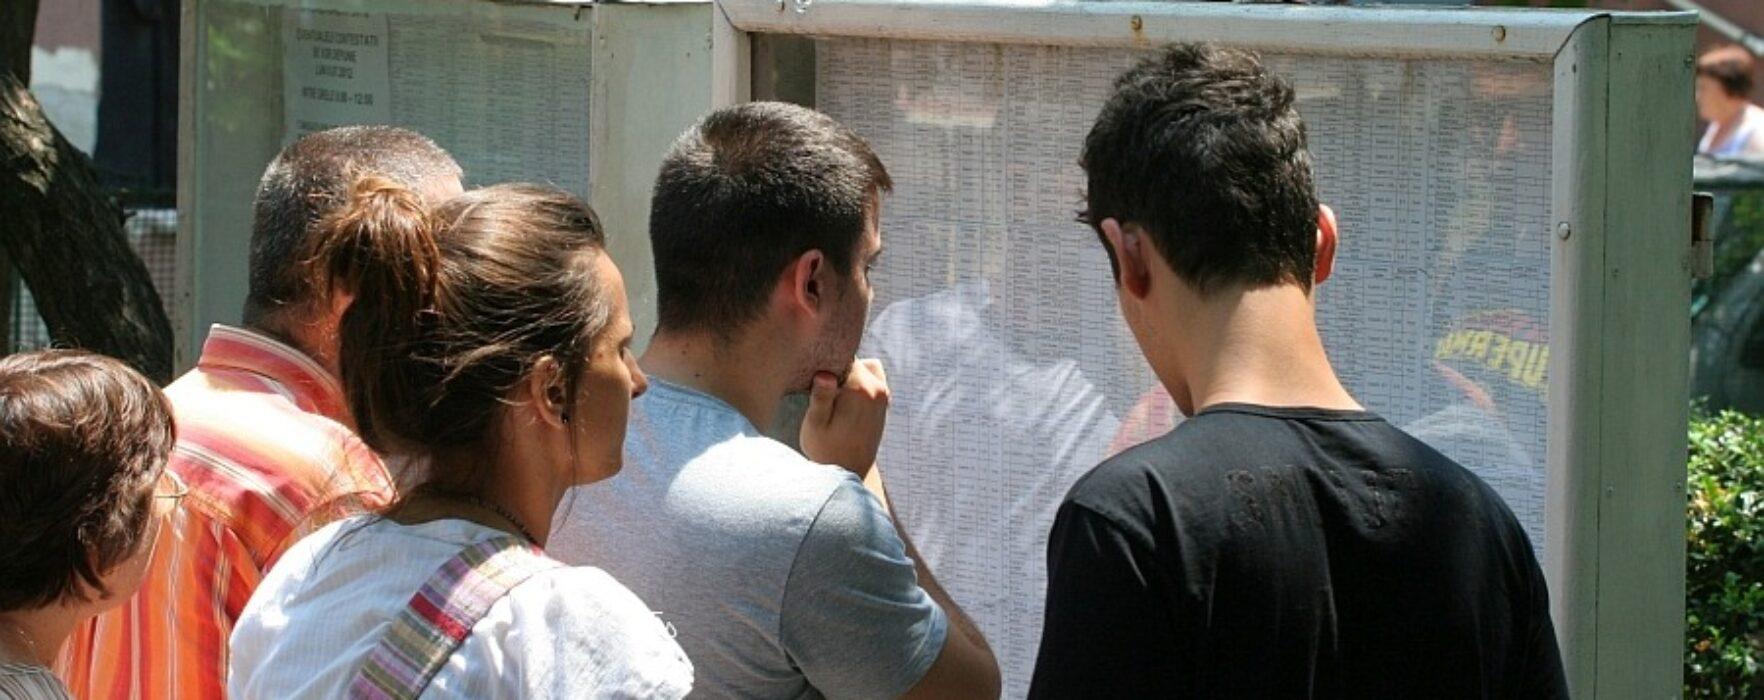 Dâmboviţa: Doi elevi au obţinut 10 la bacalaureat; rata promovabilităţii 61,2%